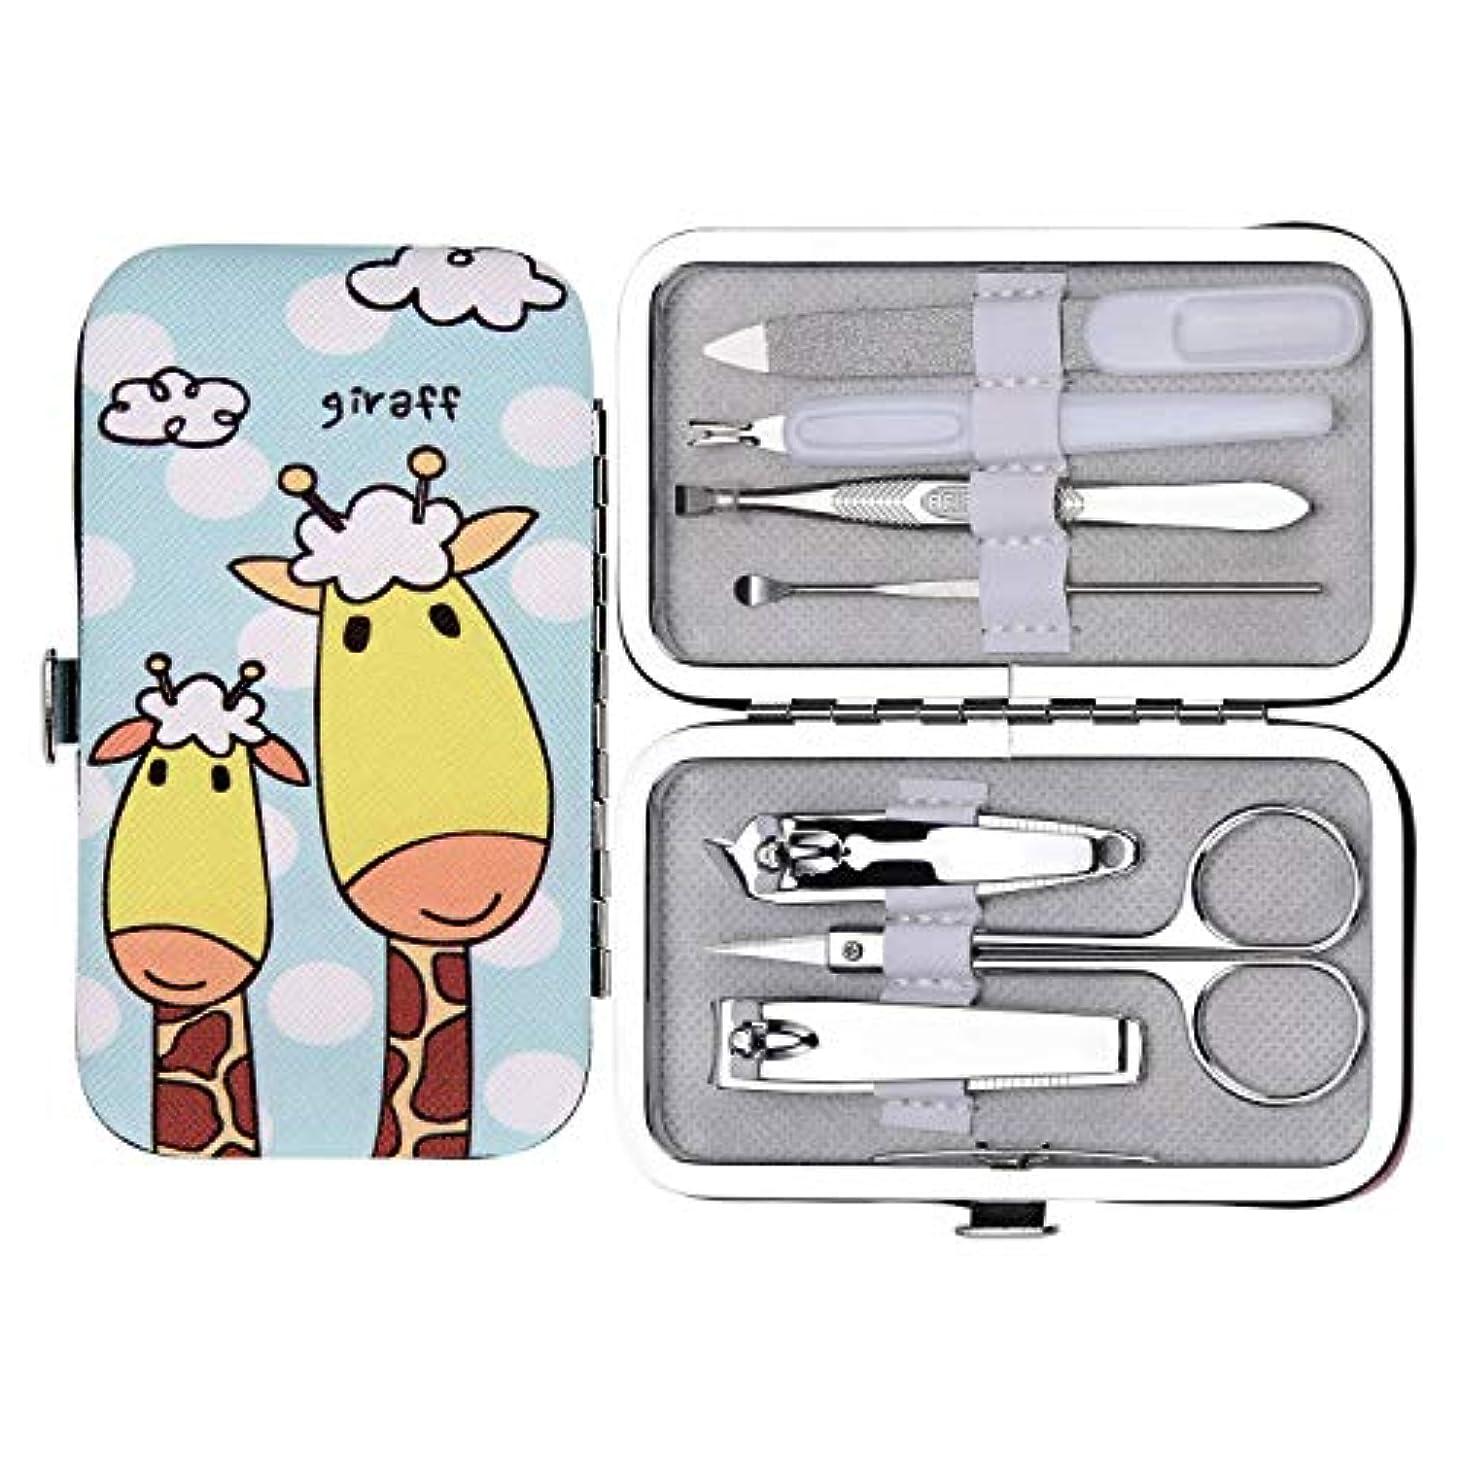 テセウスまた明日ねのヒープCUHAWUDBA キッズマニキュアセット、爪切りセットステンレス鋼の個人マニキュア、ペディキュアグルーミングキット7の1子供のため-01